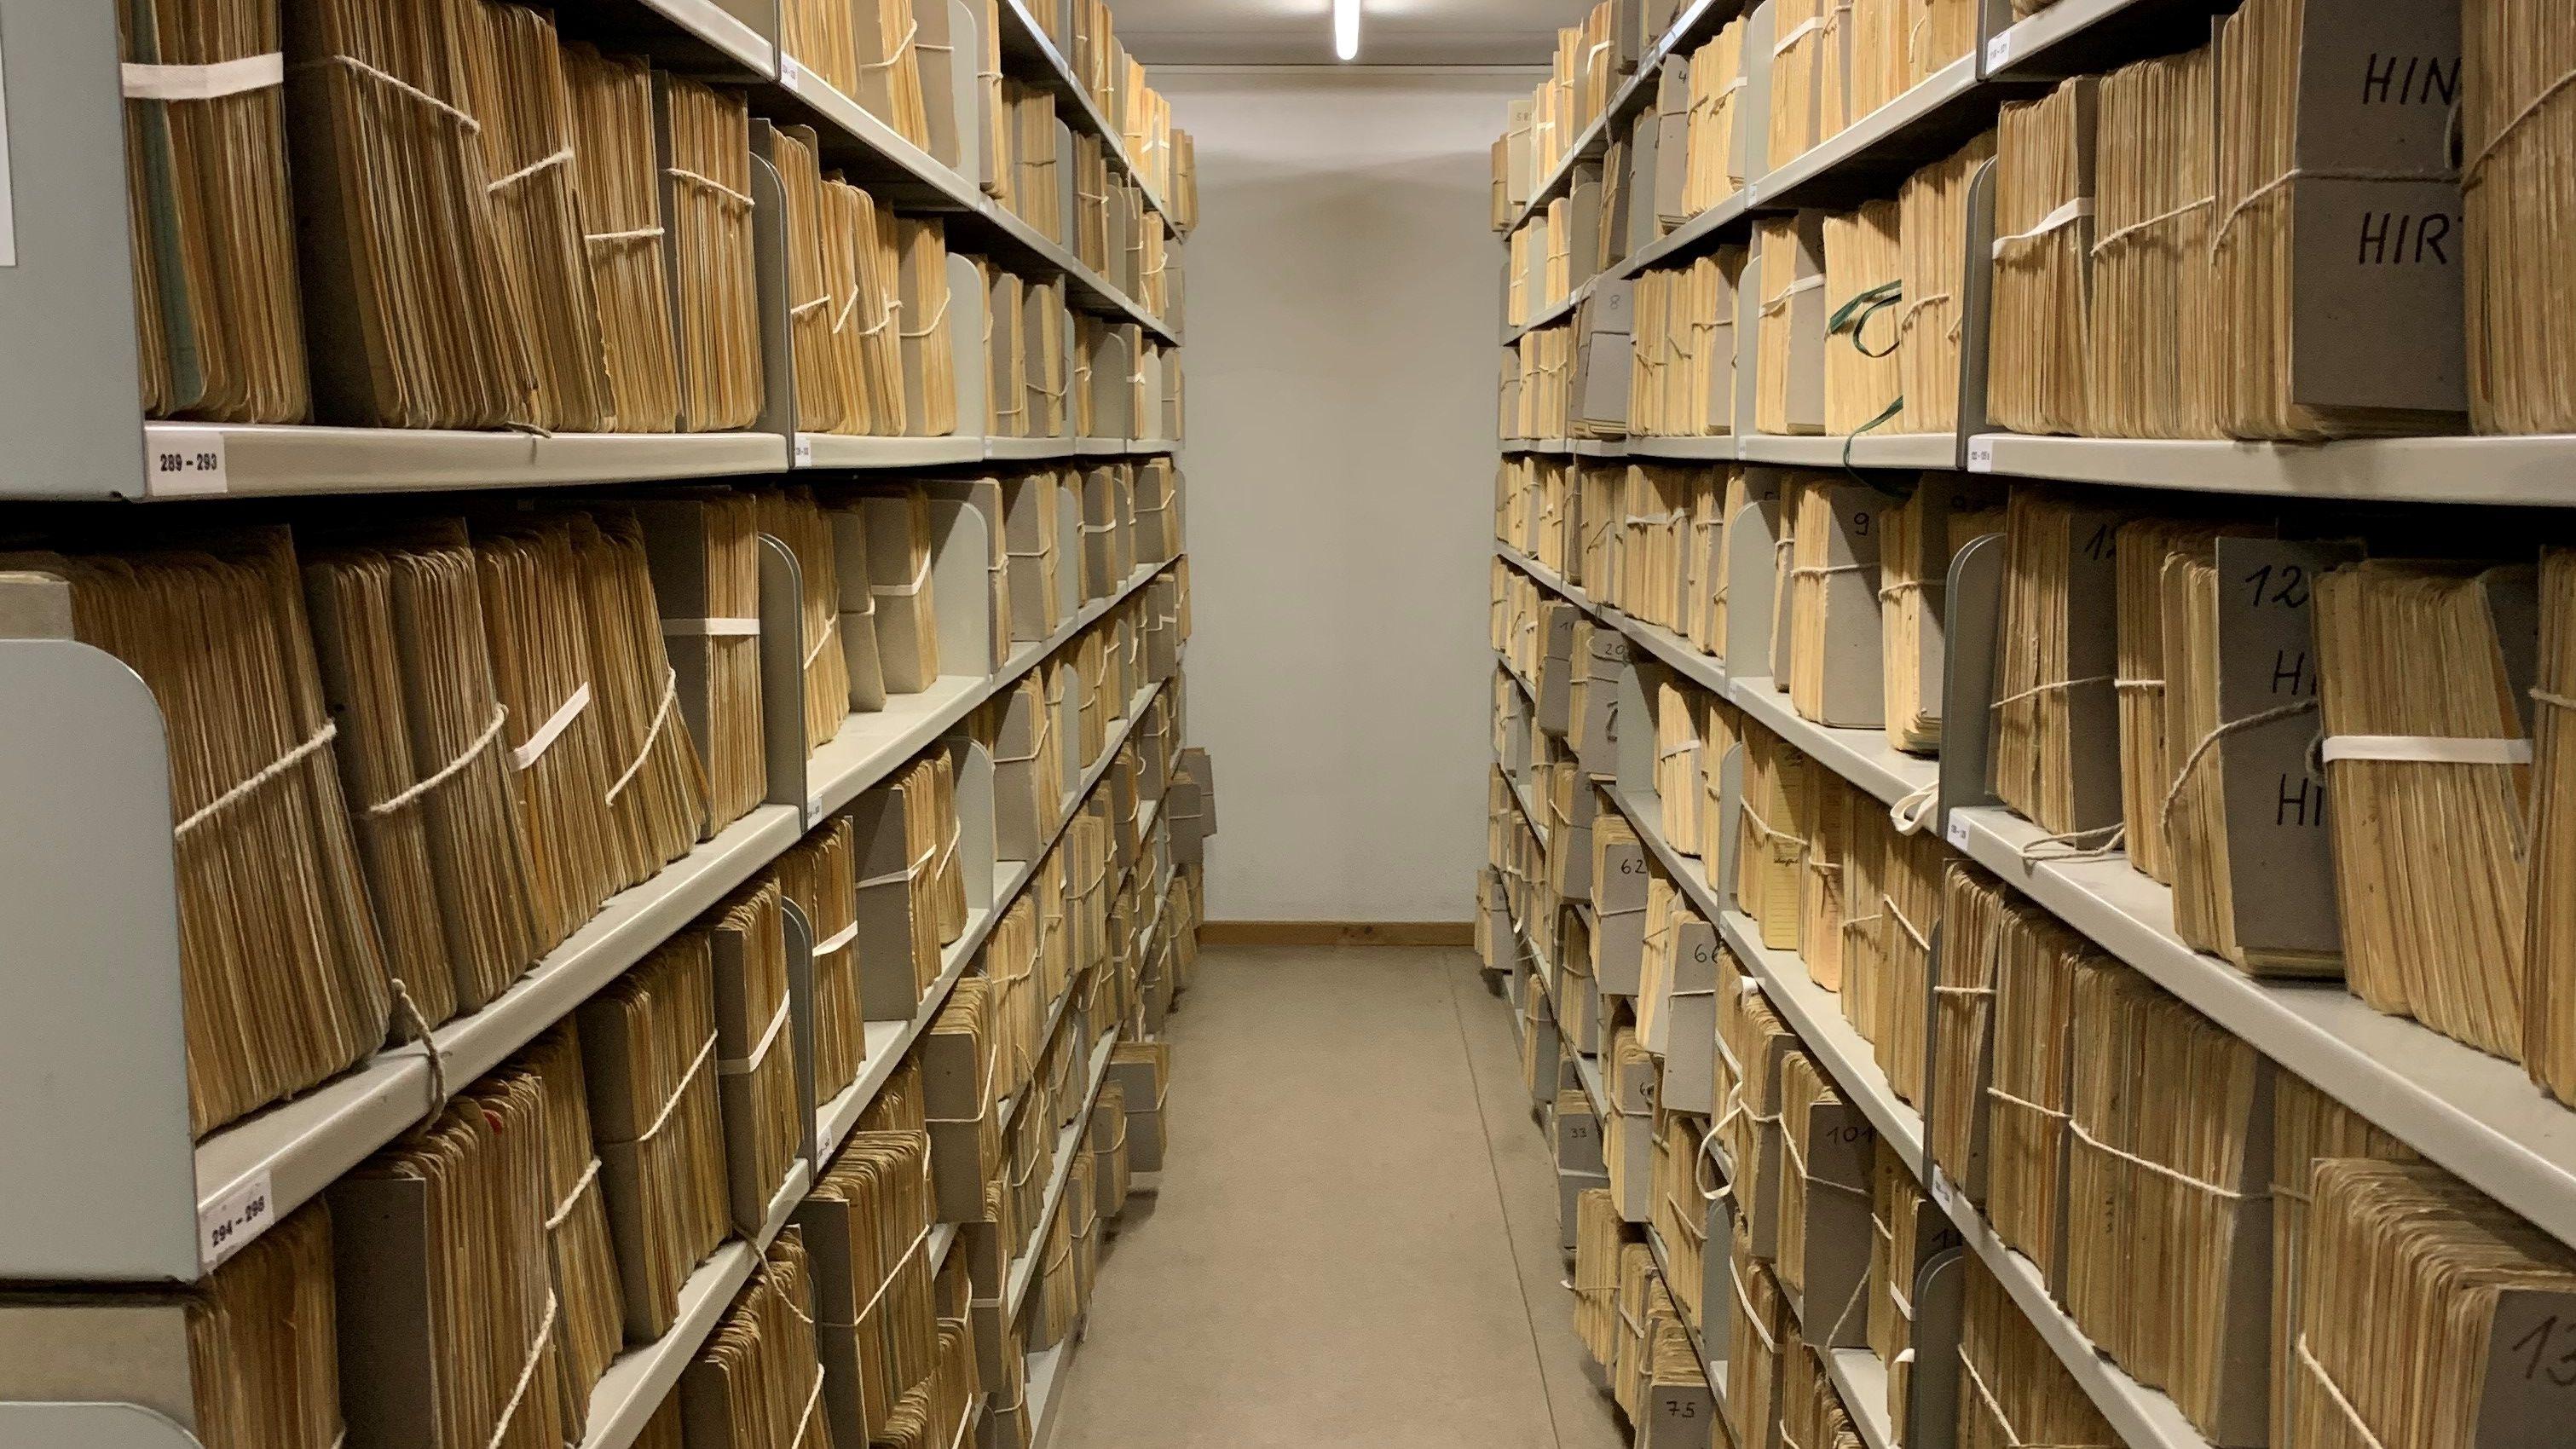 Das Bild zeigt Archivalien aus dem kommunalen Stadtarchiv München